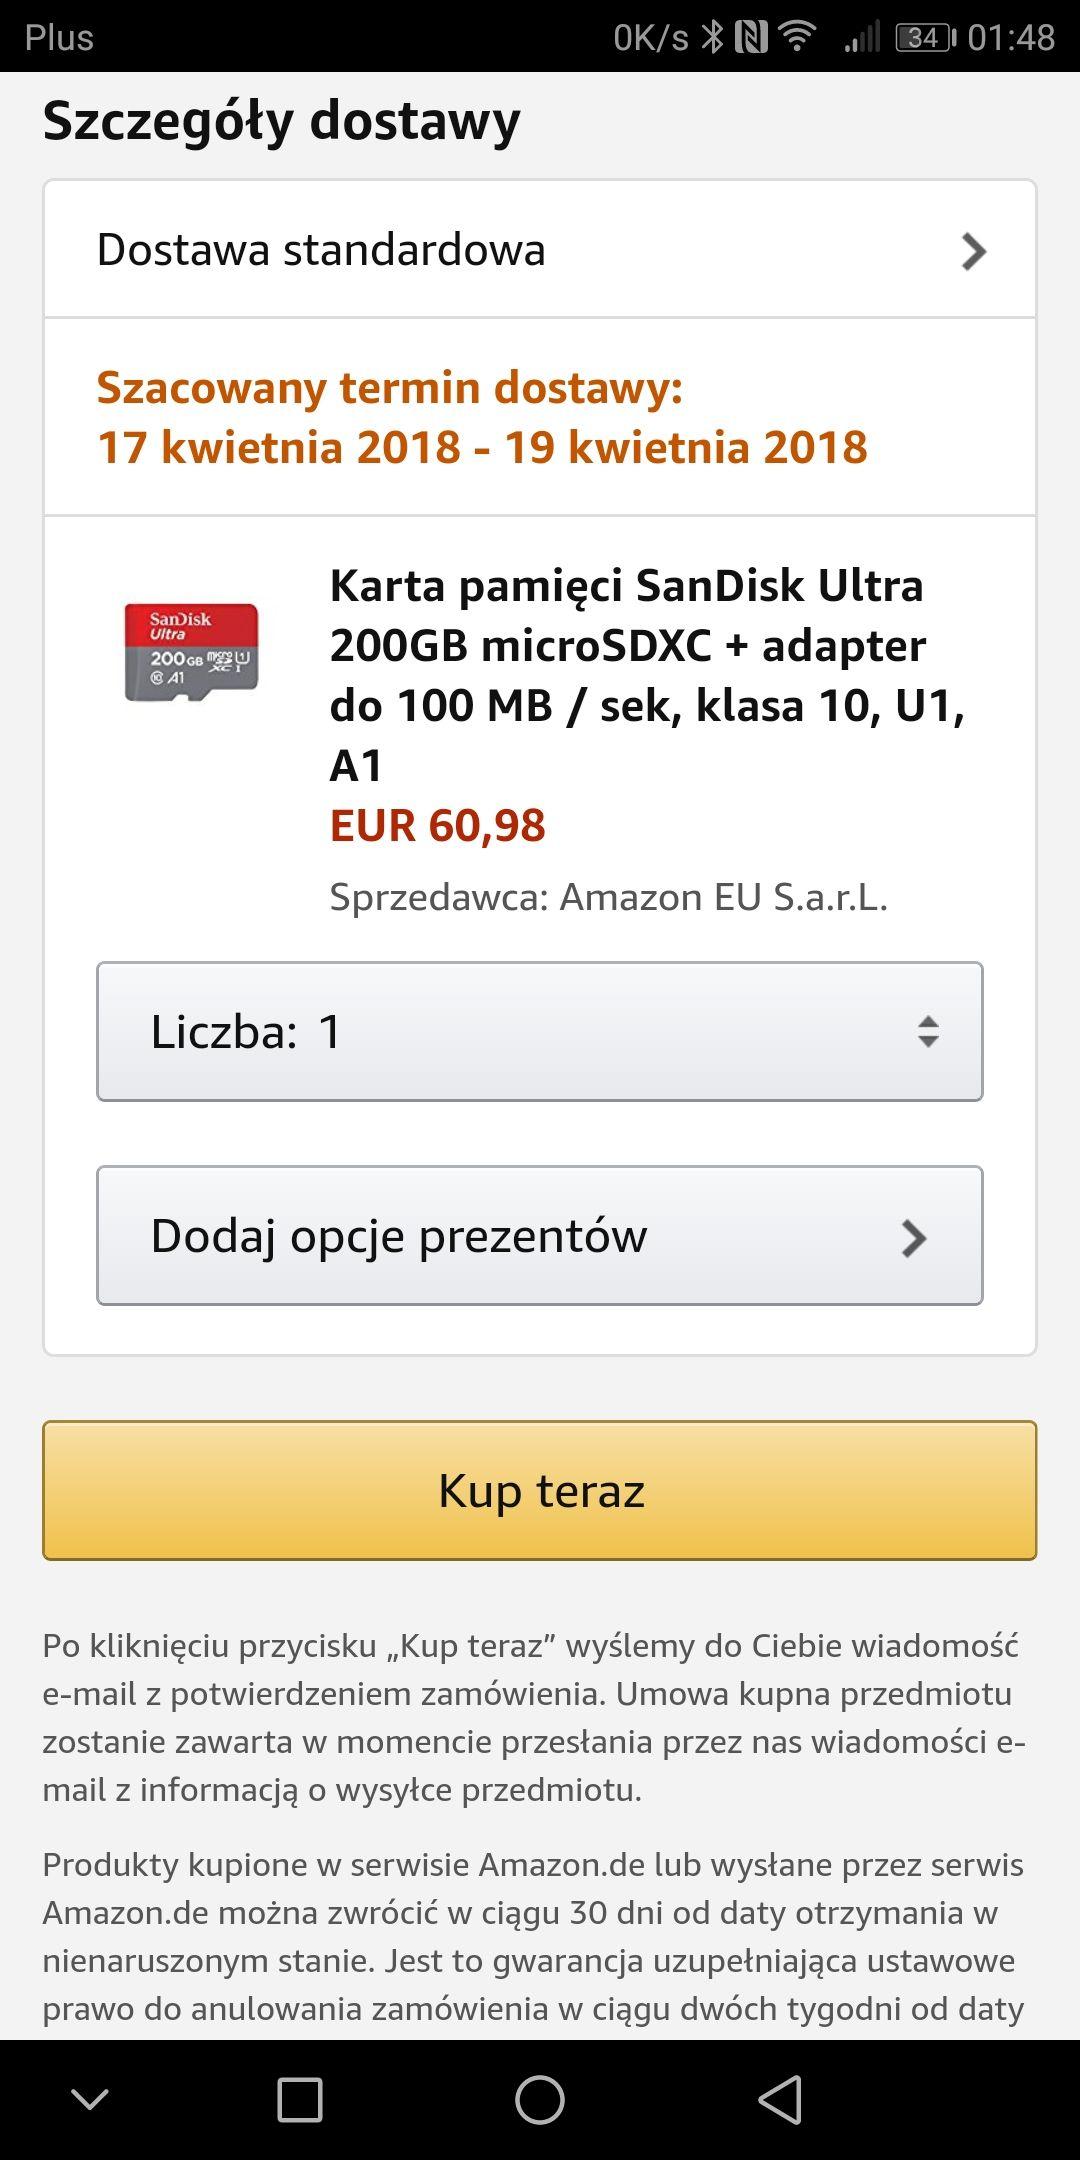 Karta pamięci SanDisk 200GB microSDXC